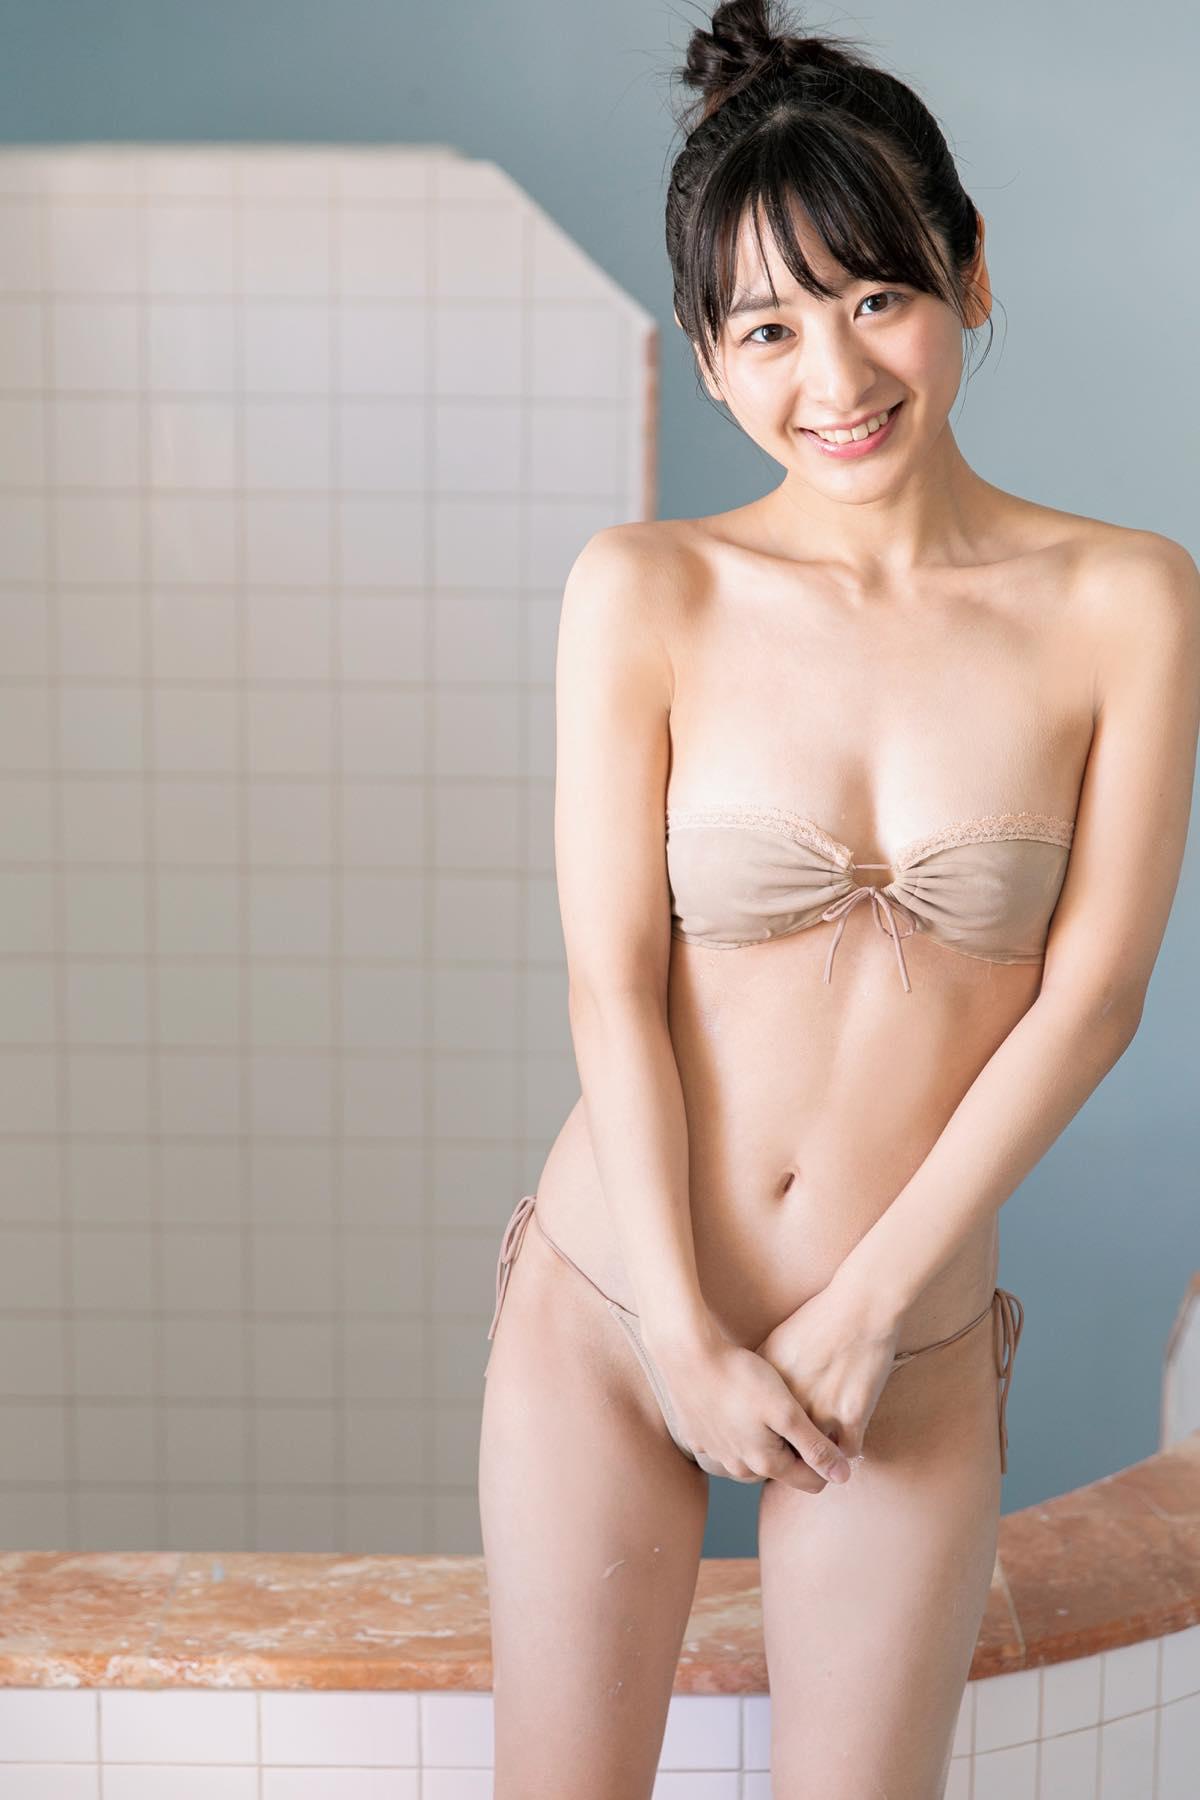 牧野澪菜「グラビア快進撃中!」144cmのグラマー美女が躍動の画像001